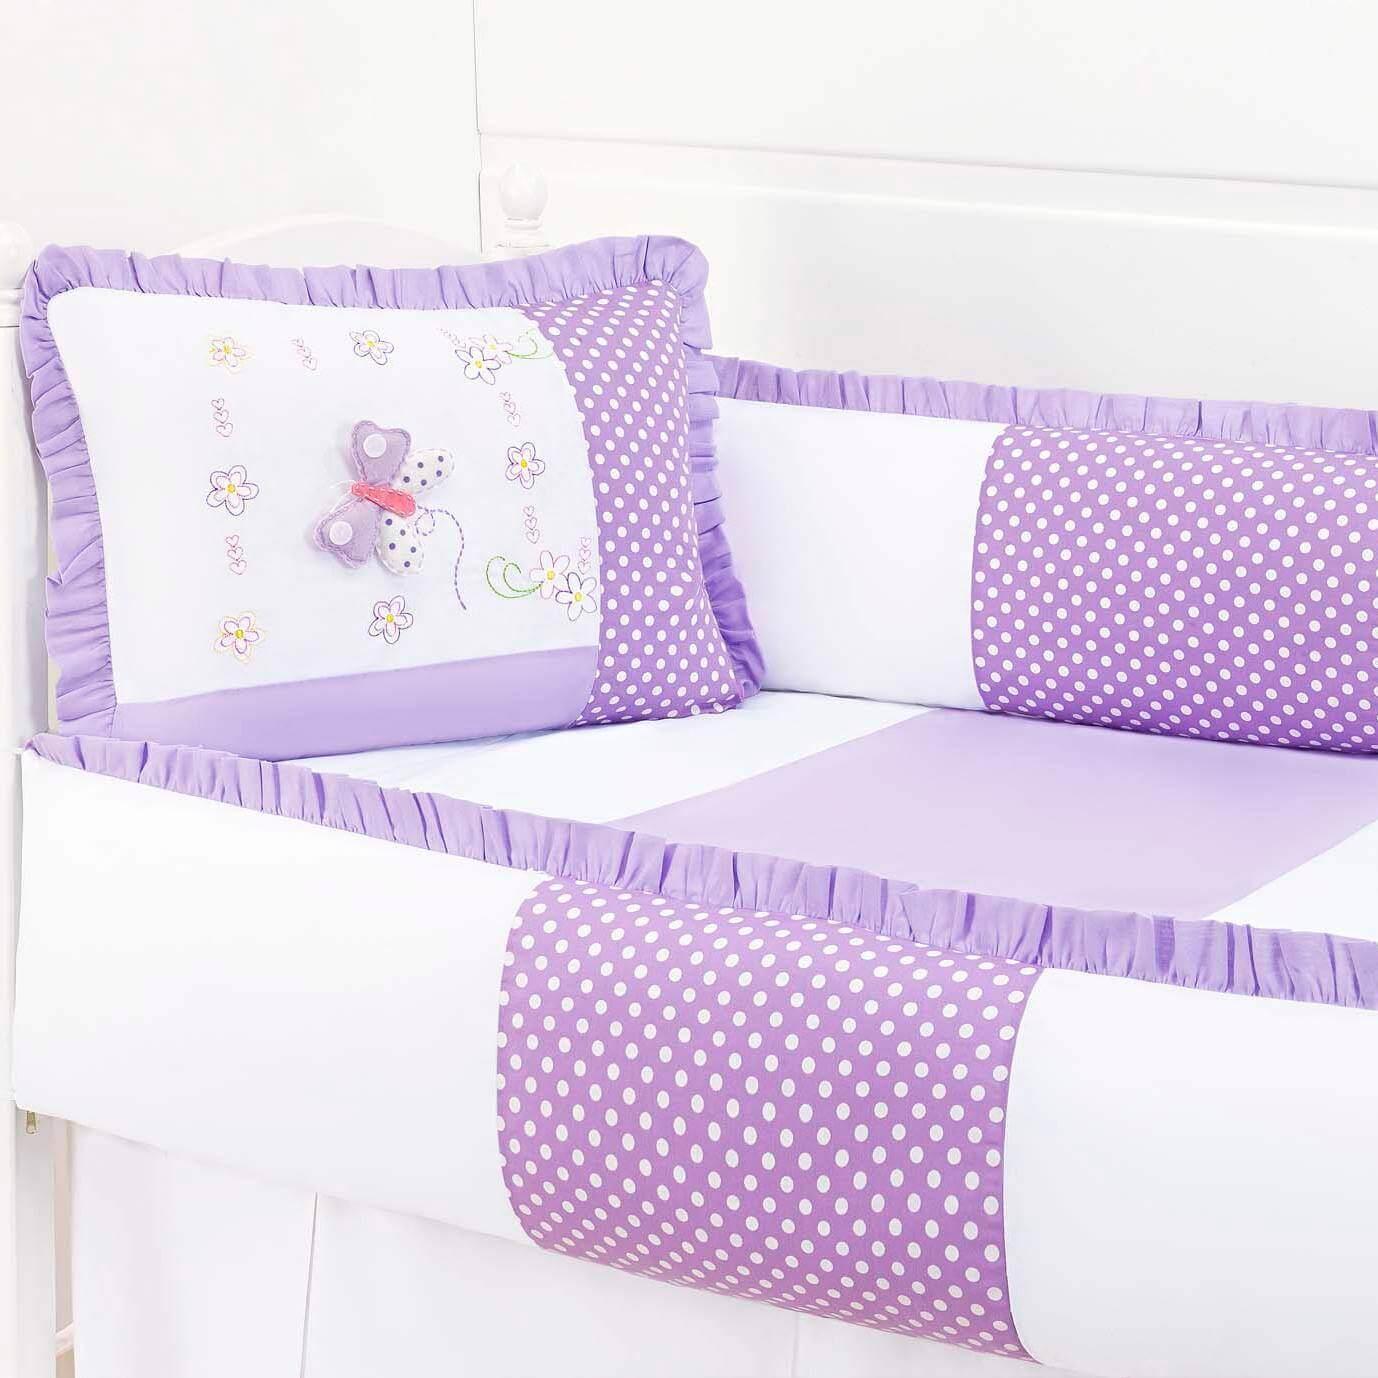 kit berço com borboletas lilás com poá